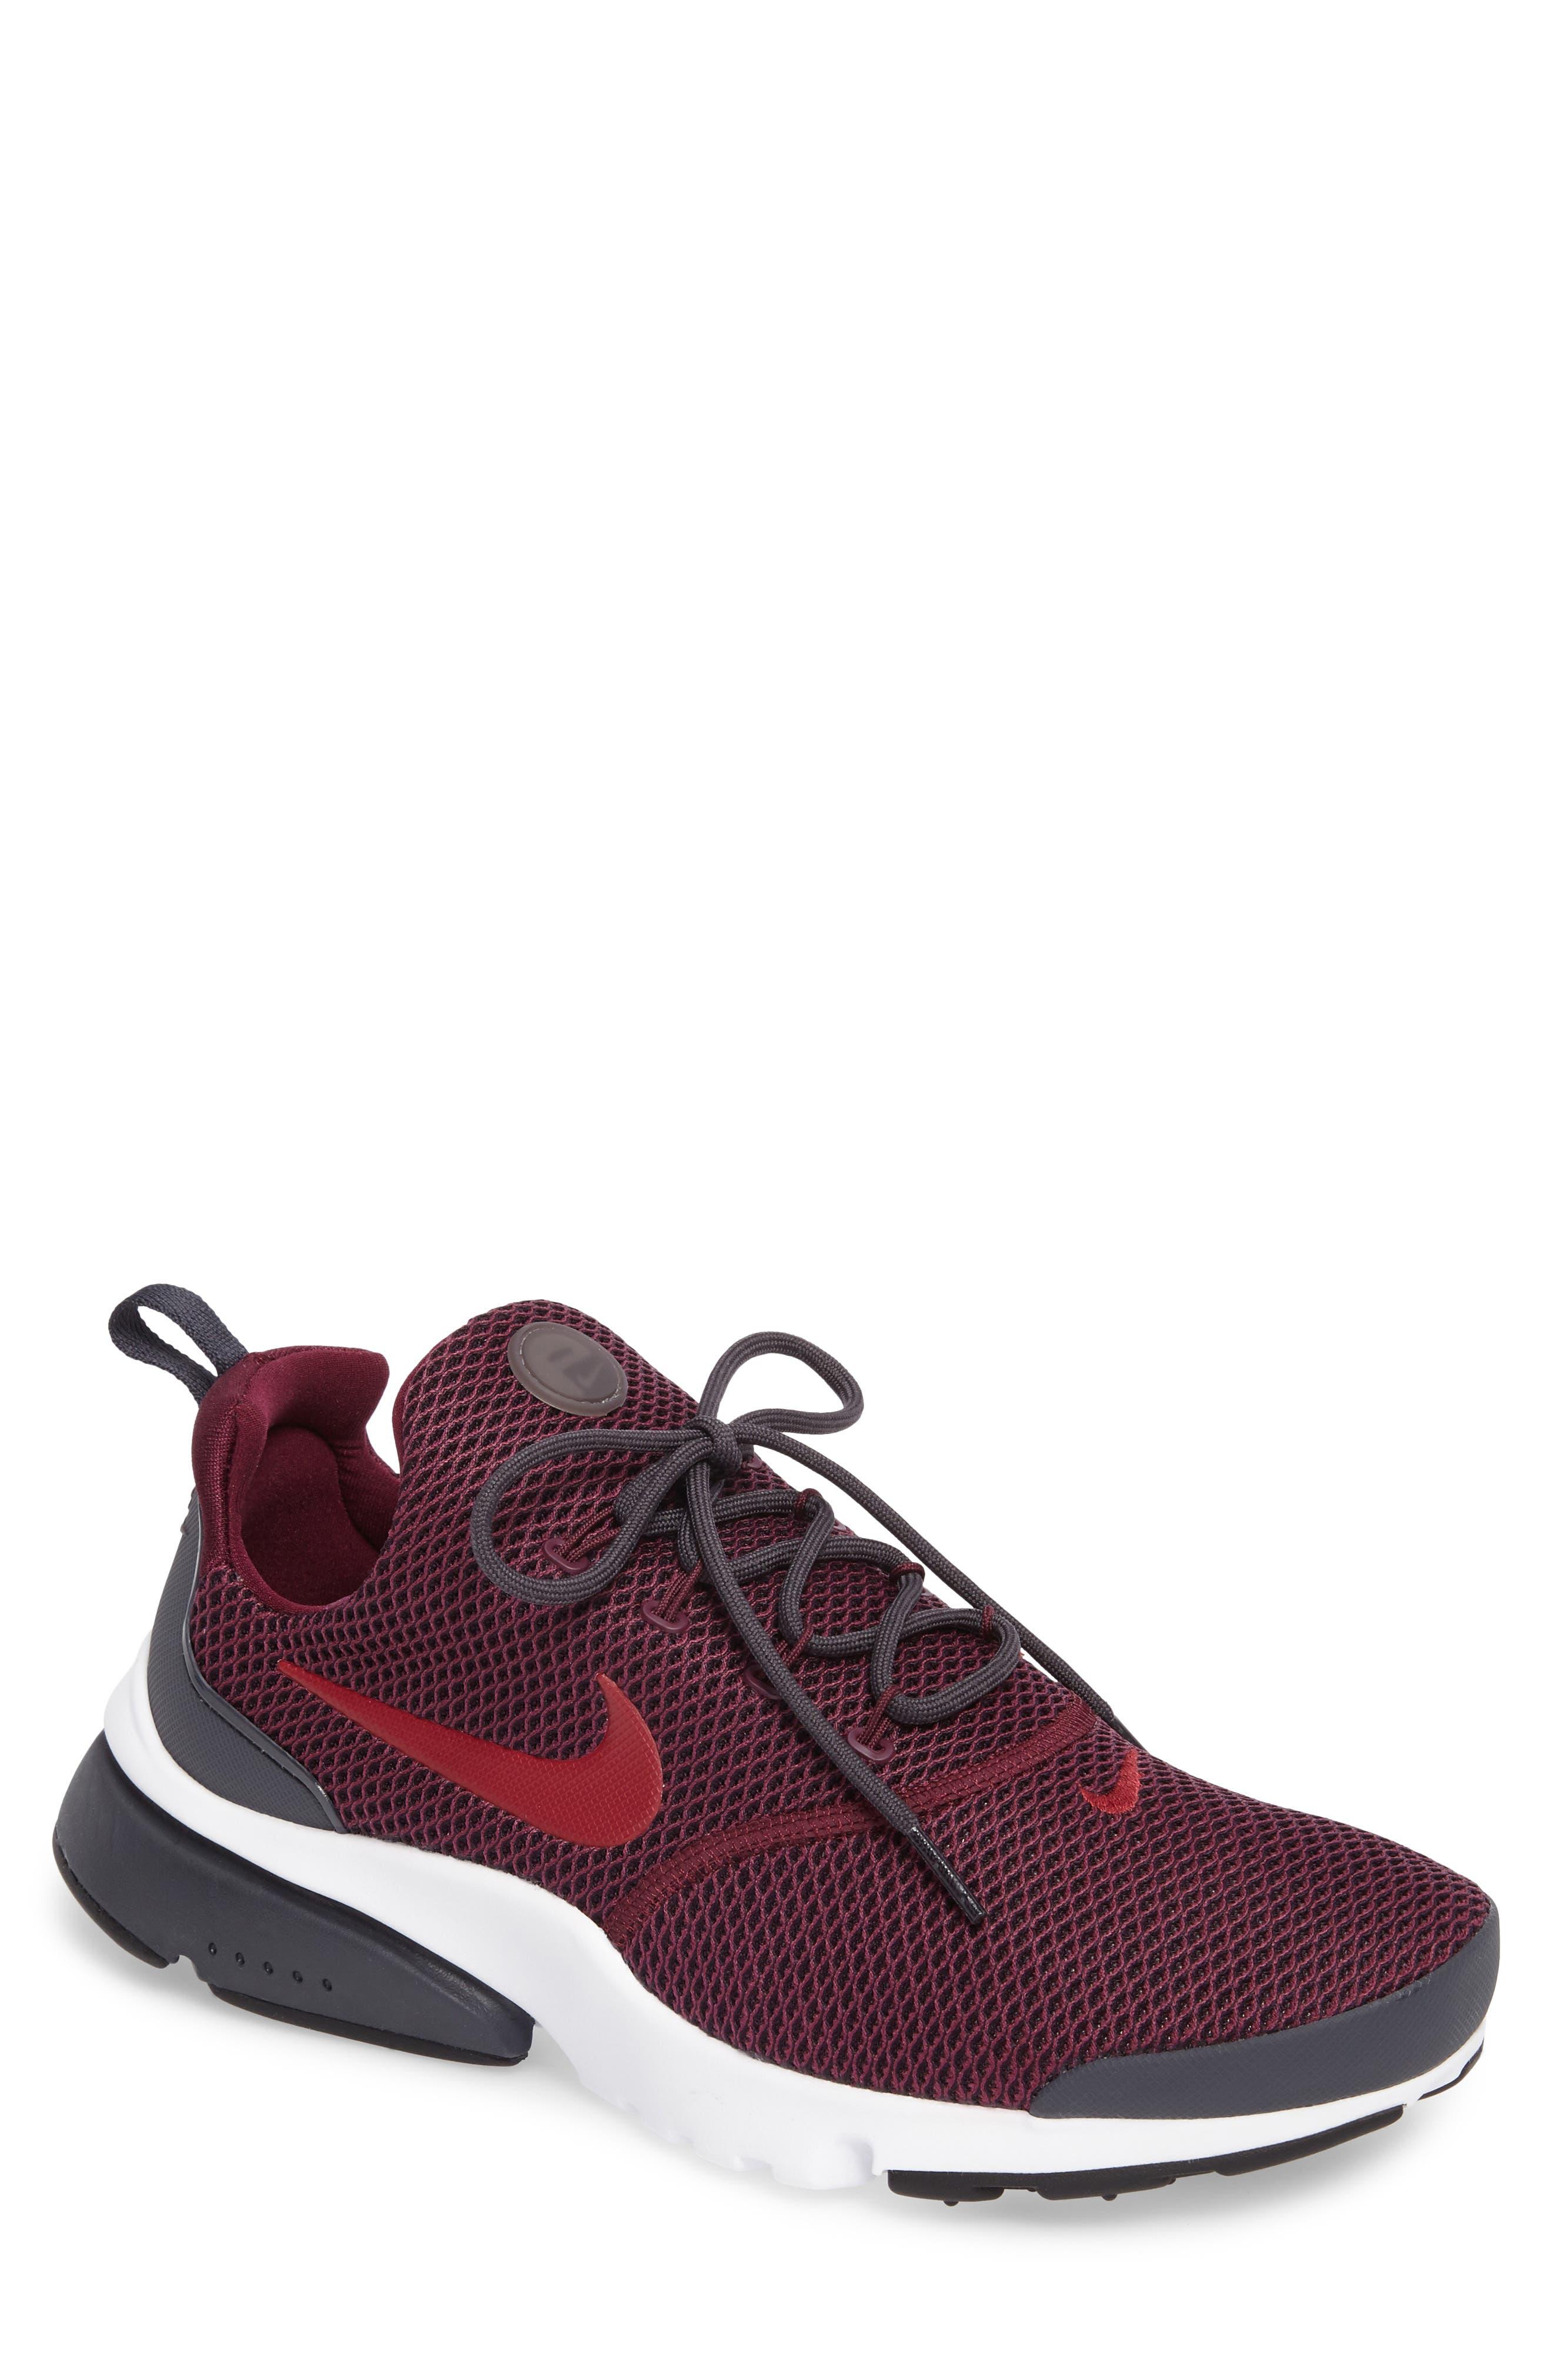 Main Image - Nike Presto Fly SE Sneaker (Men)